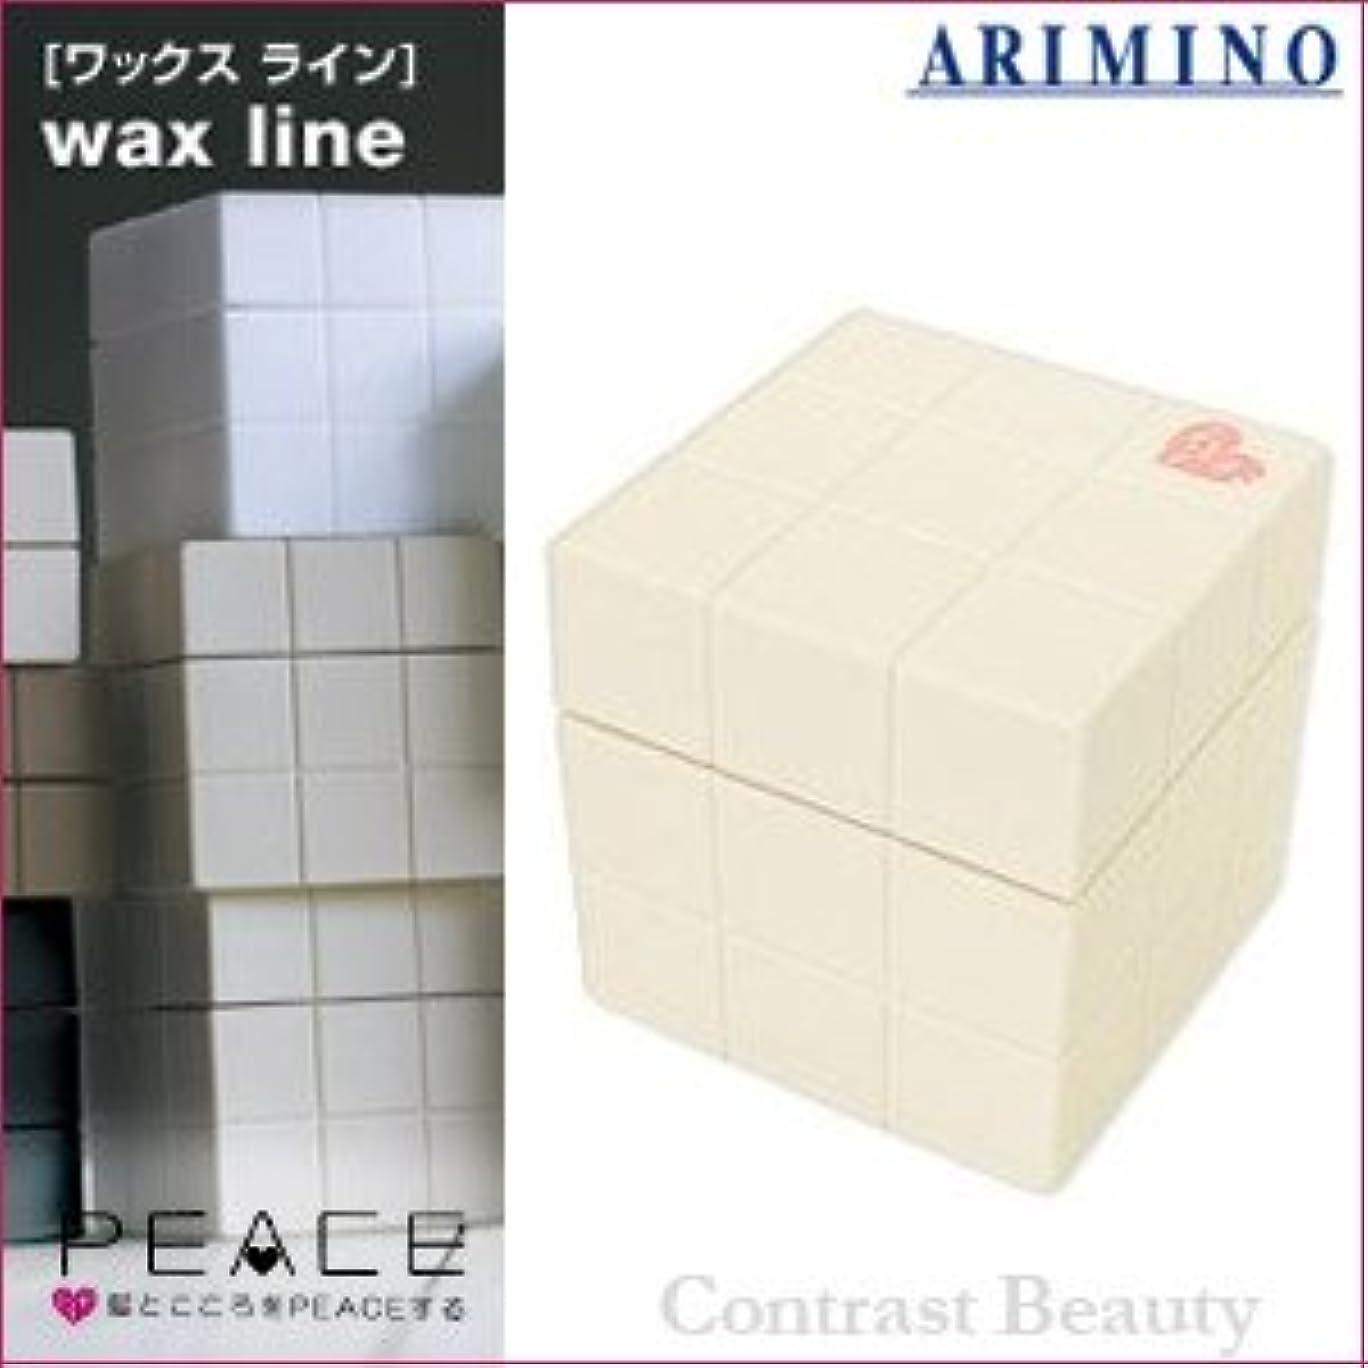 事業緩やかな意味のある【x2個セット】 アリミノ ピース プロデザインシリーズ ニュアンスワックス バニラ 80g